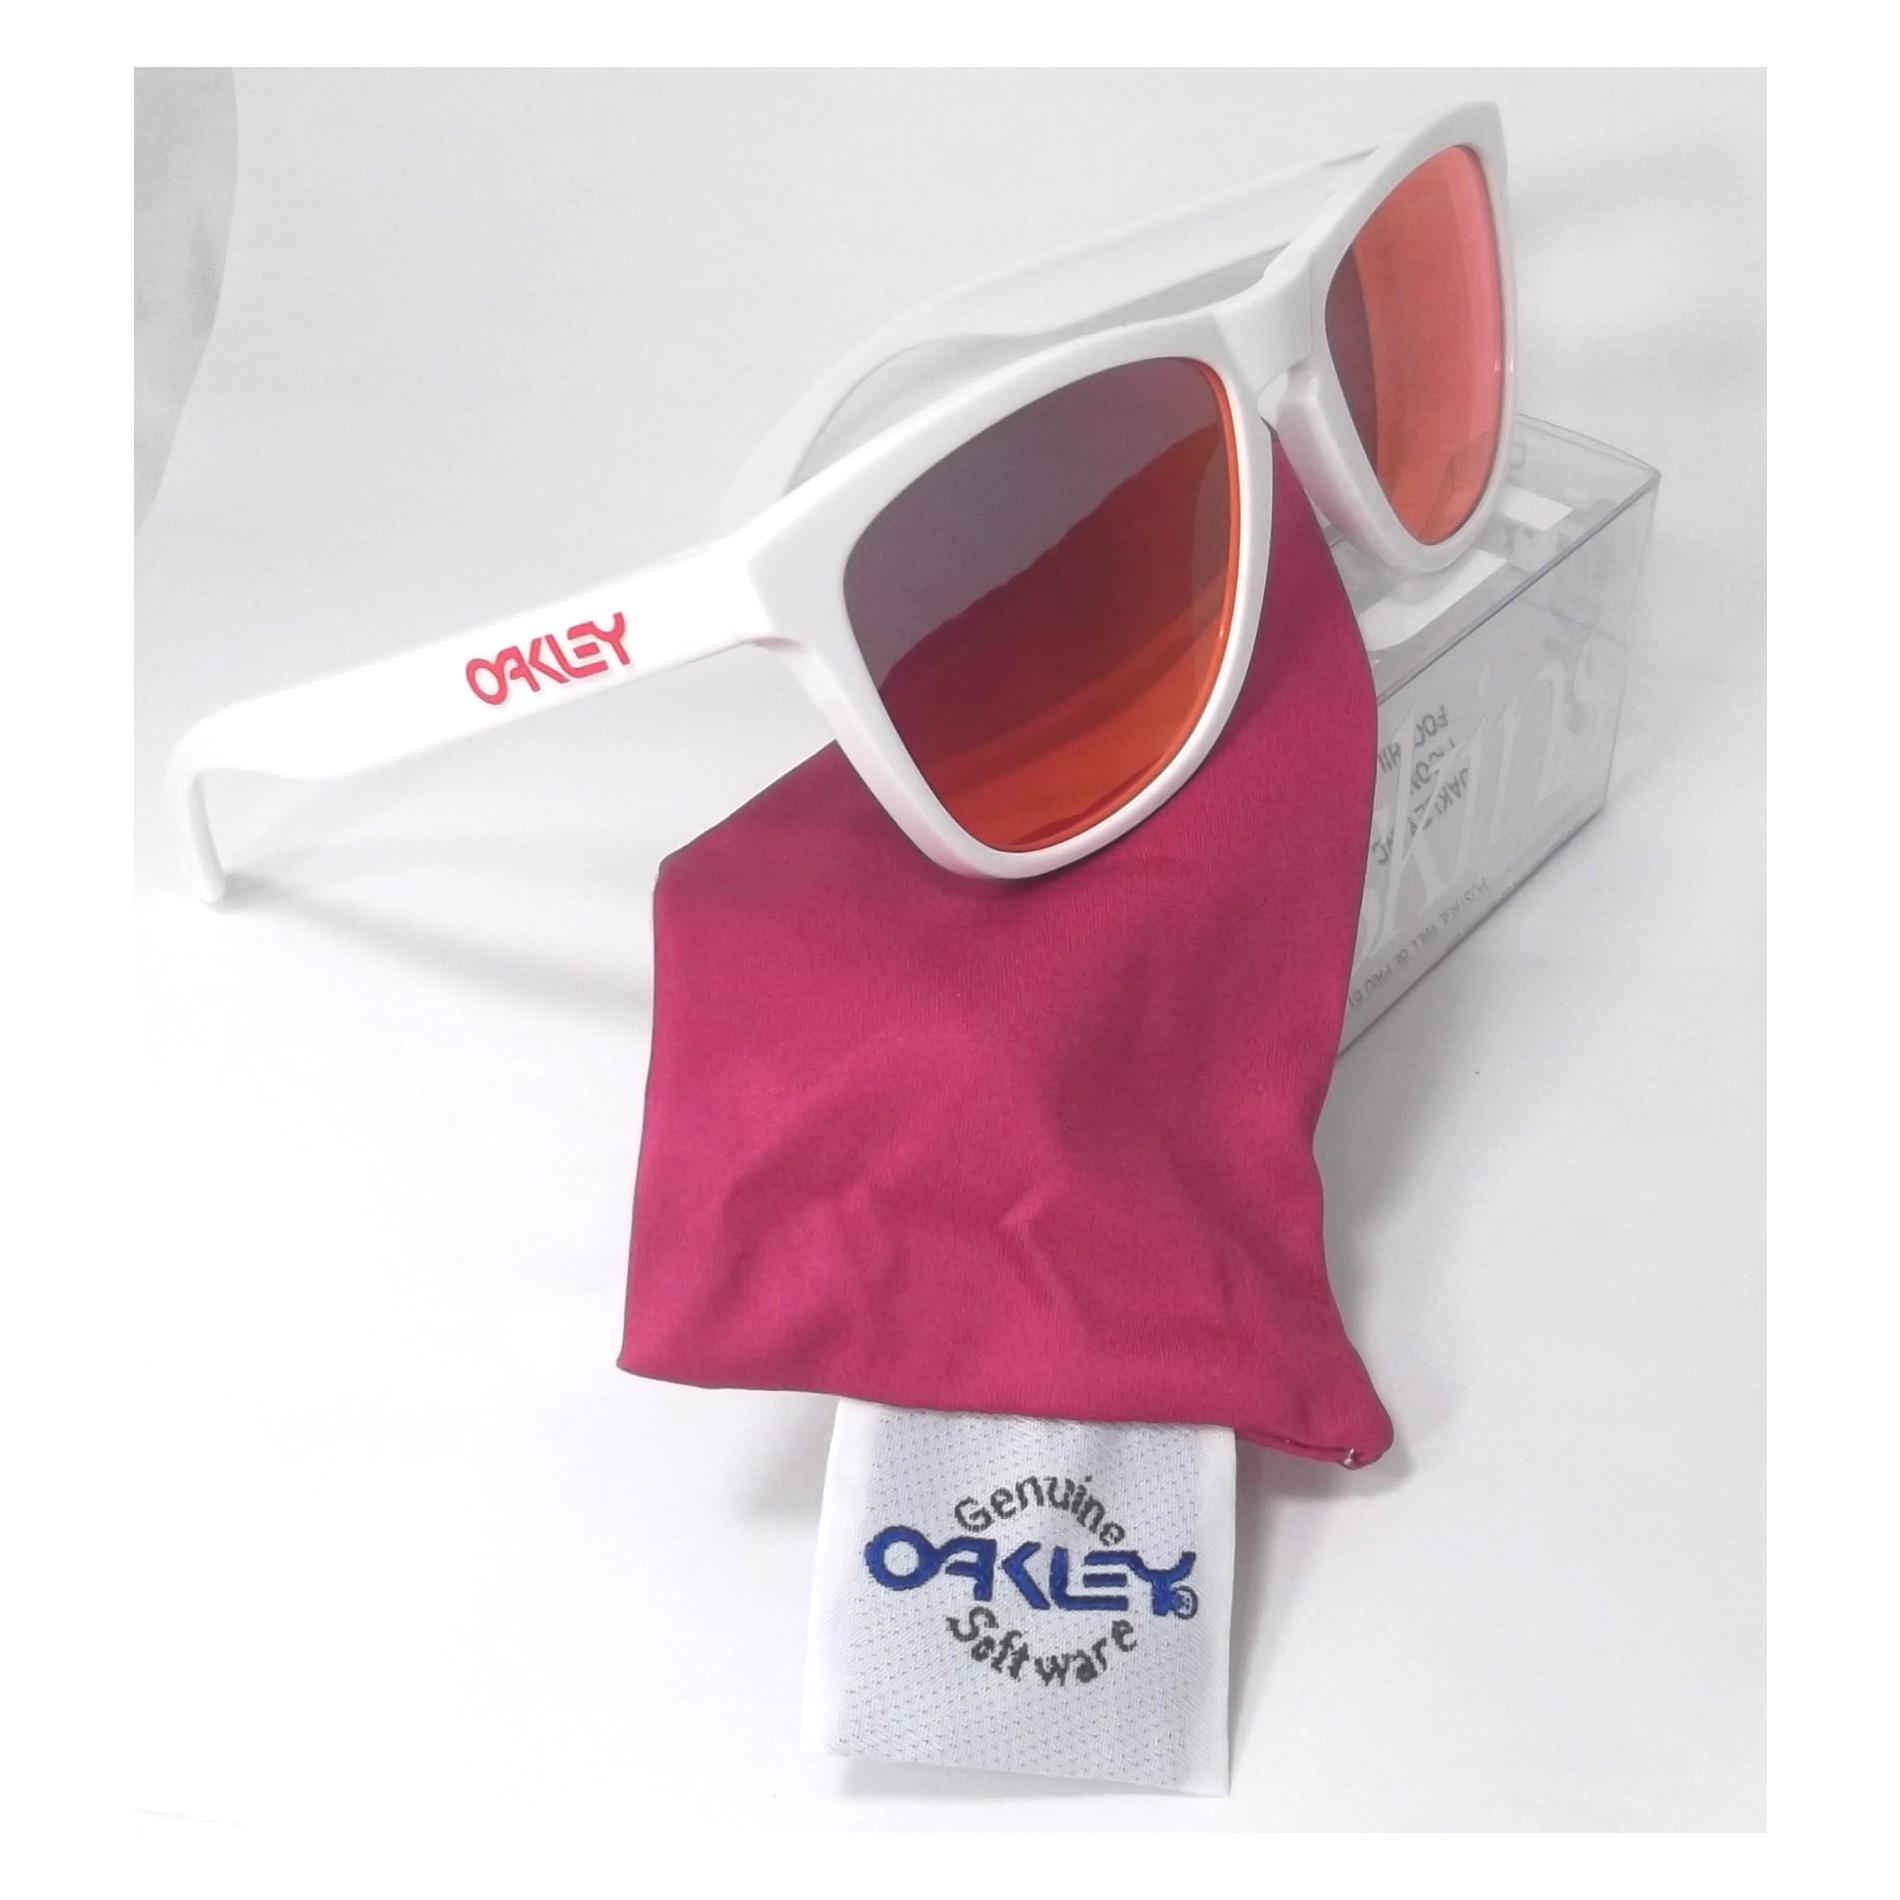 oakley sunglasses styles  oakley frogskins sunglasses